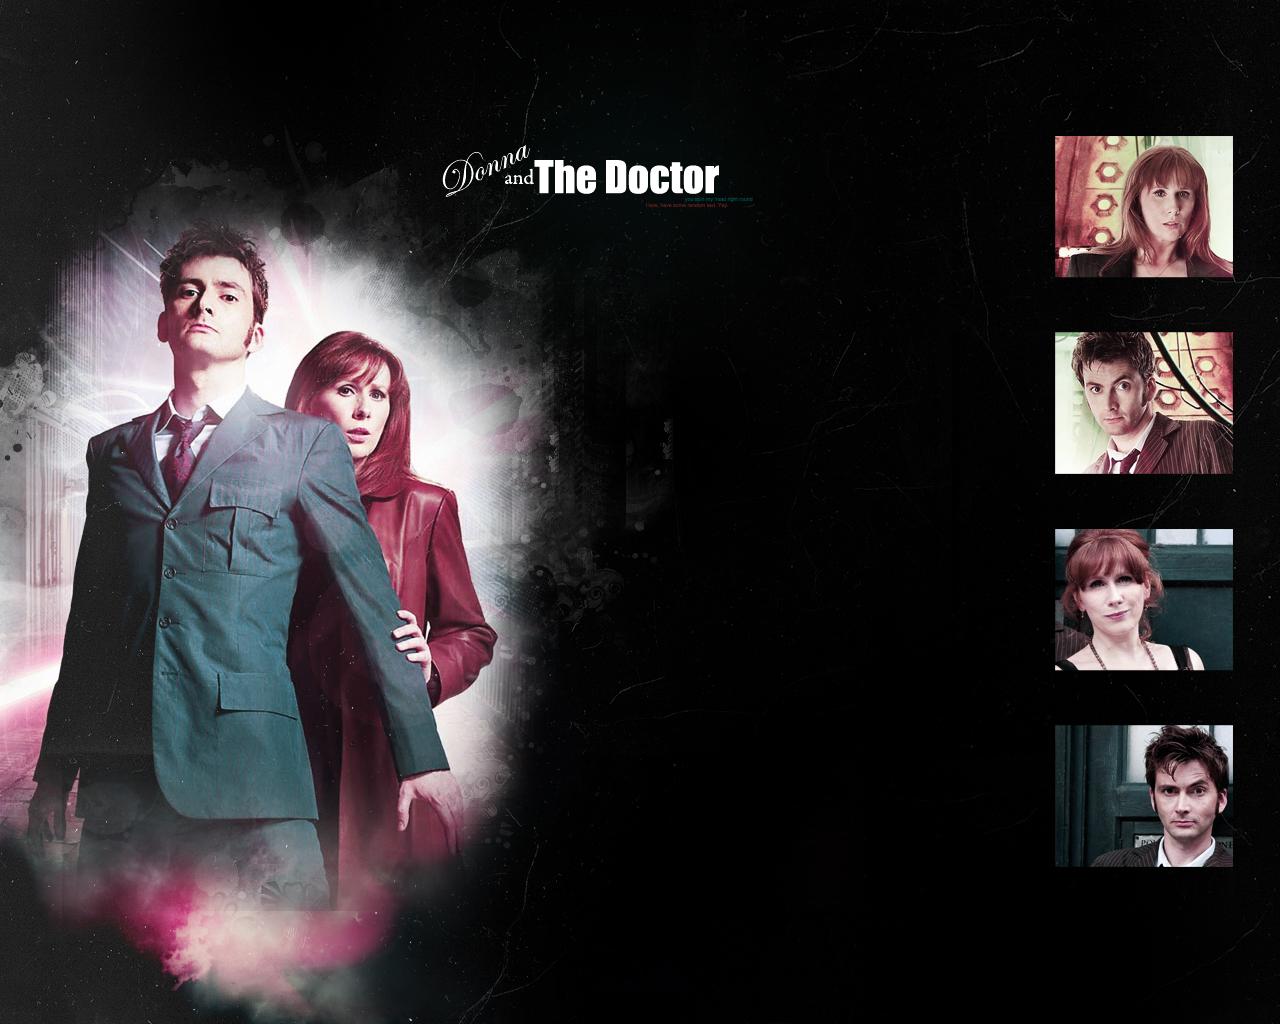 http://3.bp.blogspot.com/-63WkOOwbbKc/TeZa2CPUsKI/AAAAAAAABxY/W-HQWmqqz8w/s1600/Doctor_Who_Wallpapers.jpg